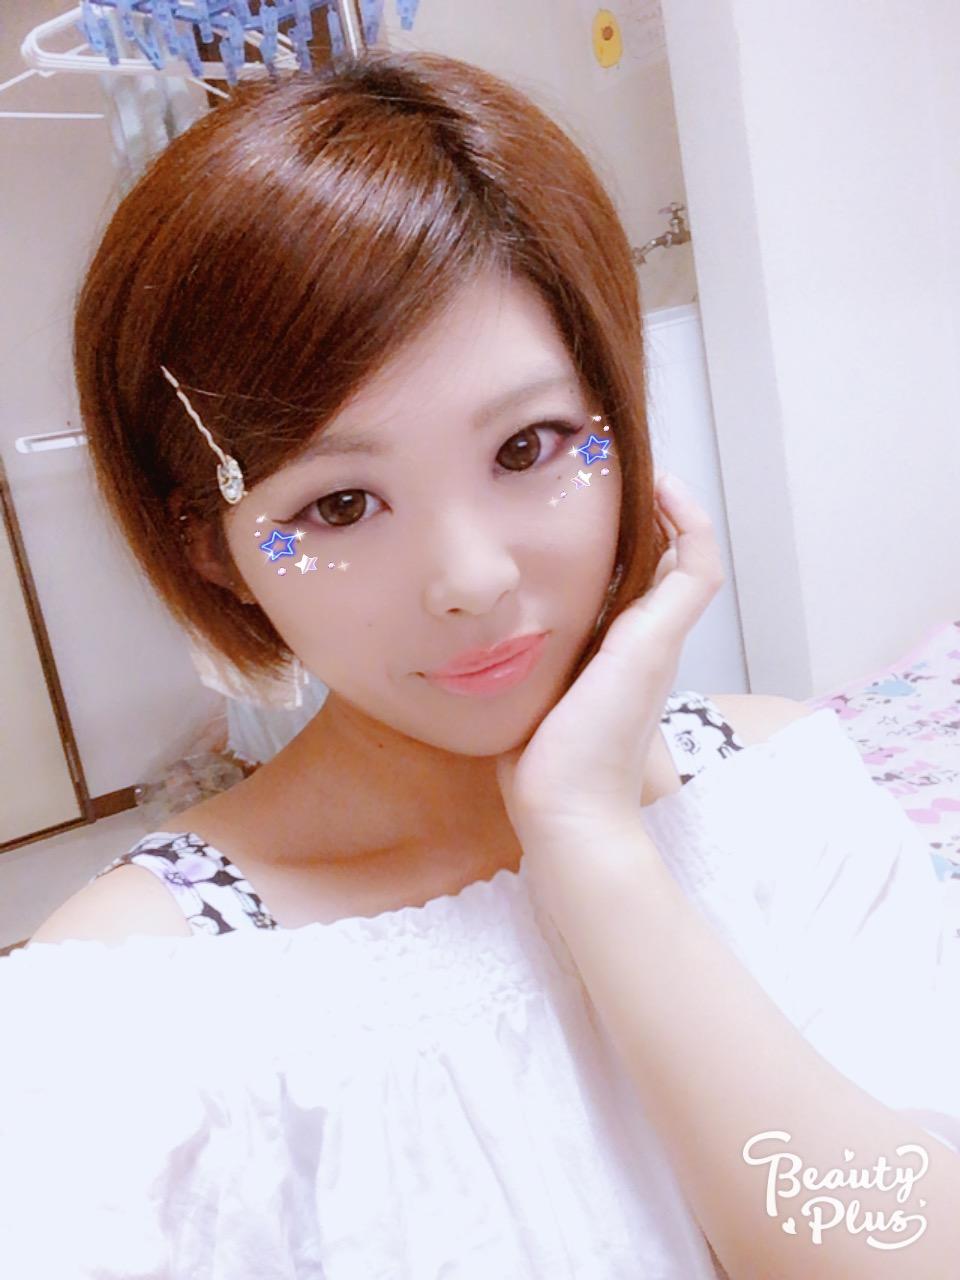 すず  ♪(о ̄▽ ̄)/サンキュ-